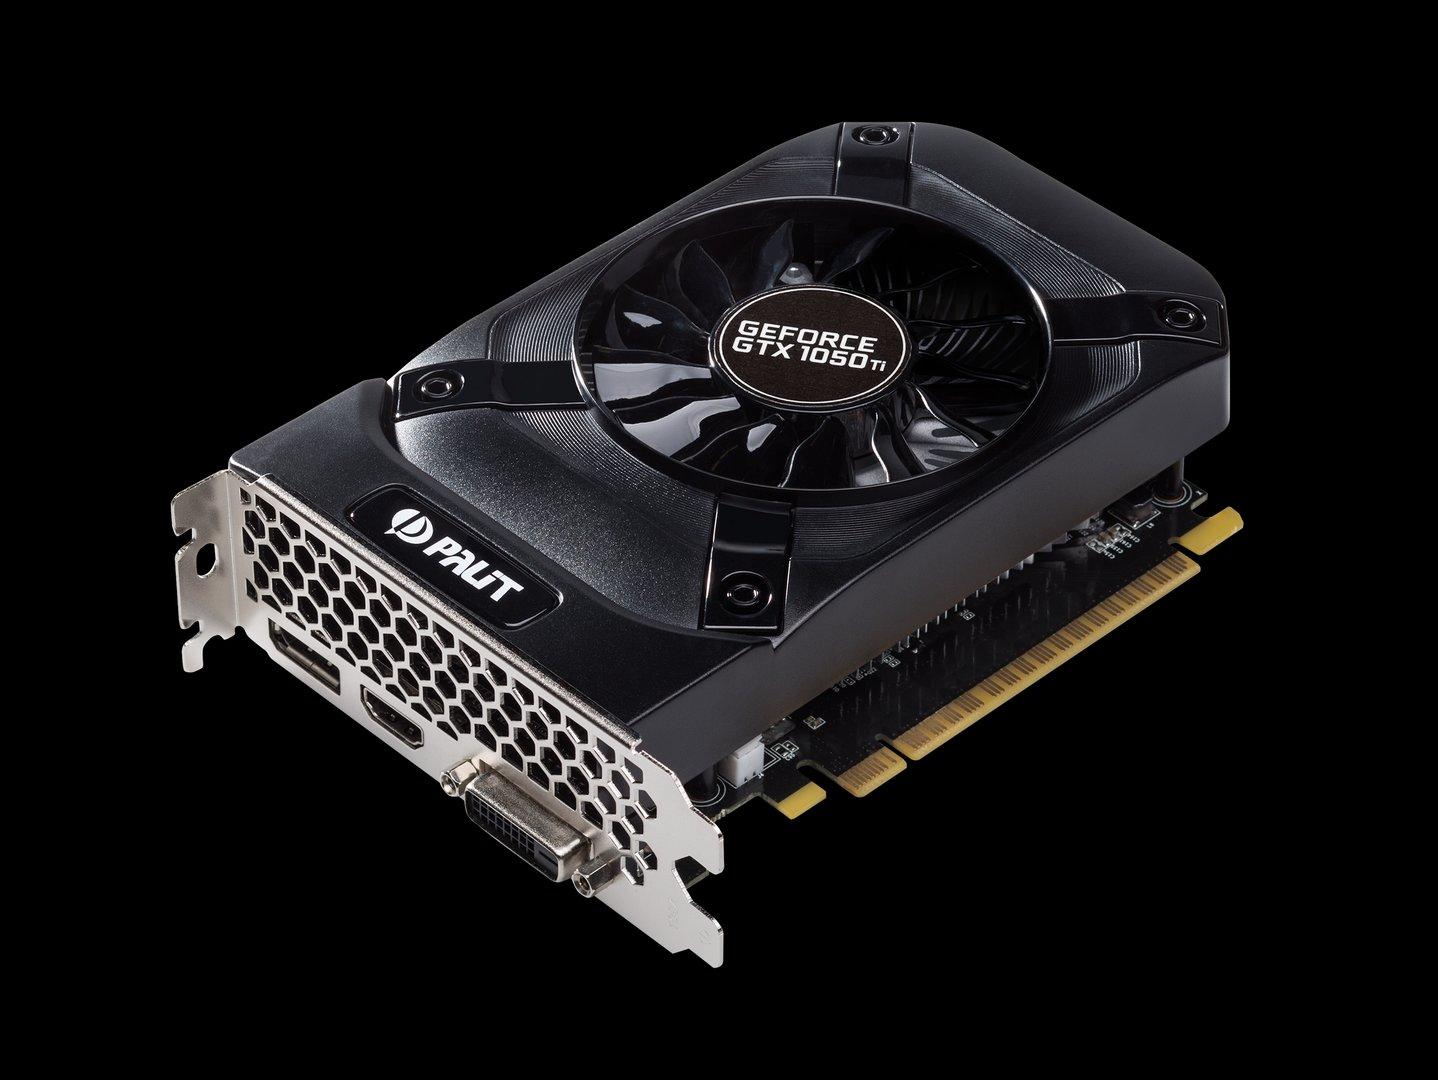 Partnerkarten der GeForce GTX 1050 (Ti)